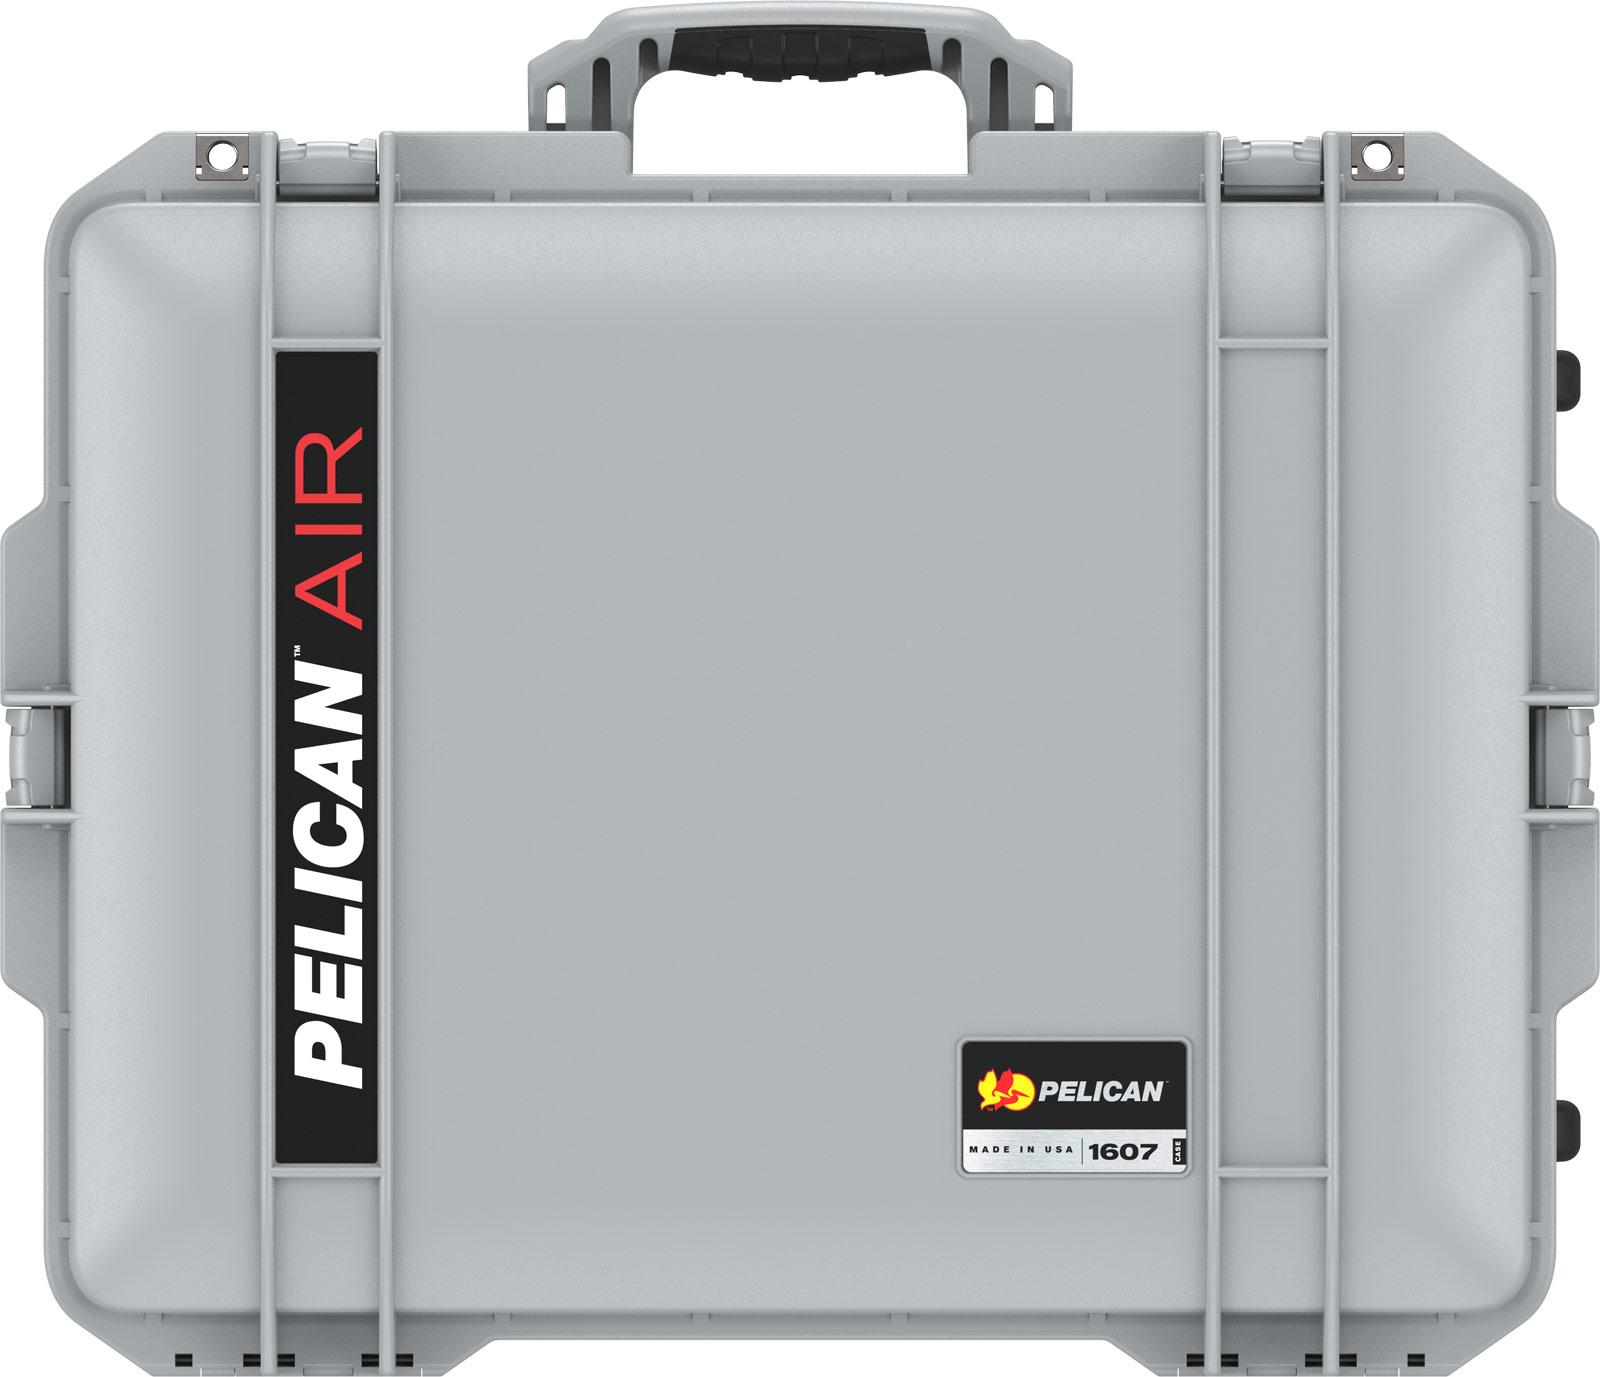 pelican 1607 air silver tough hard case